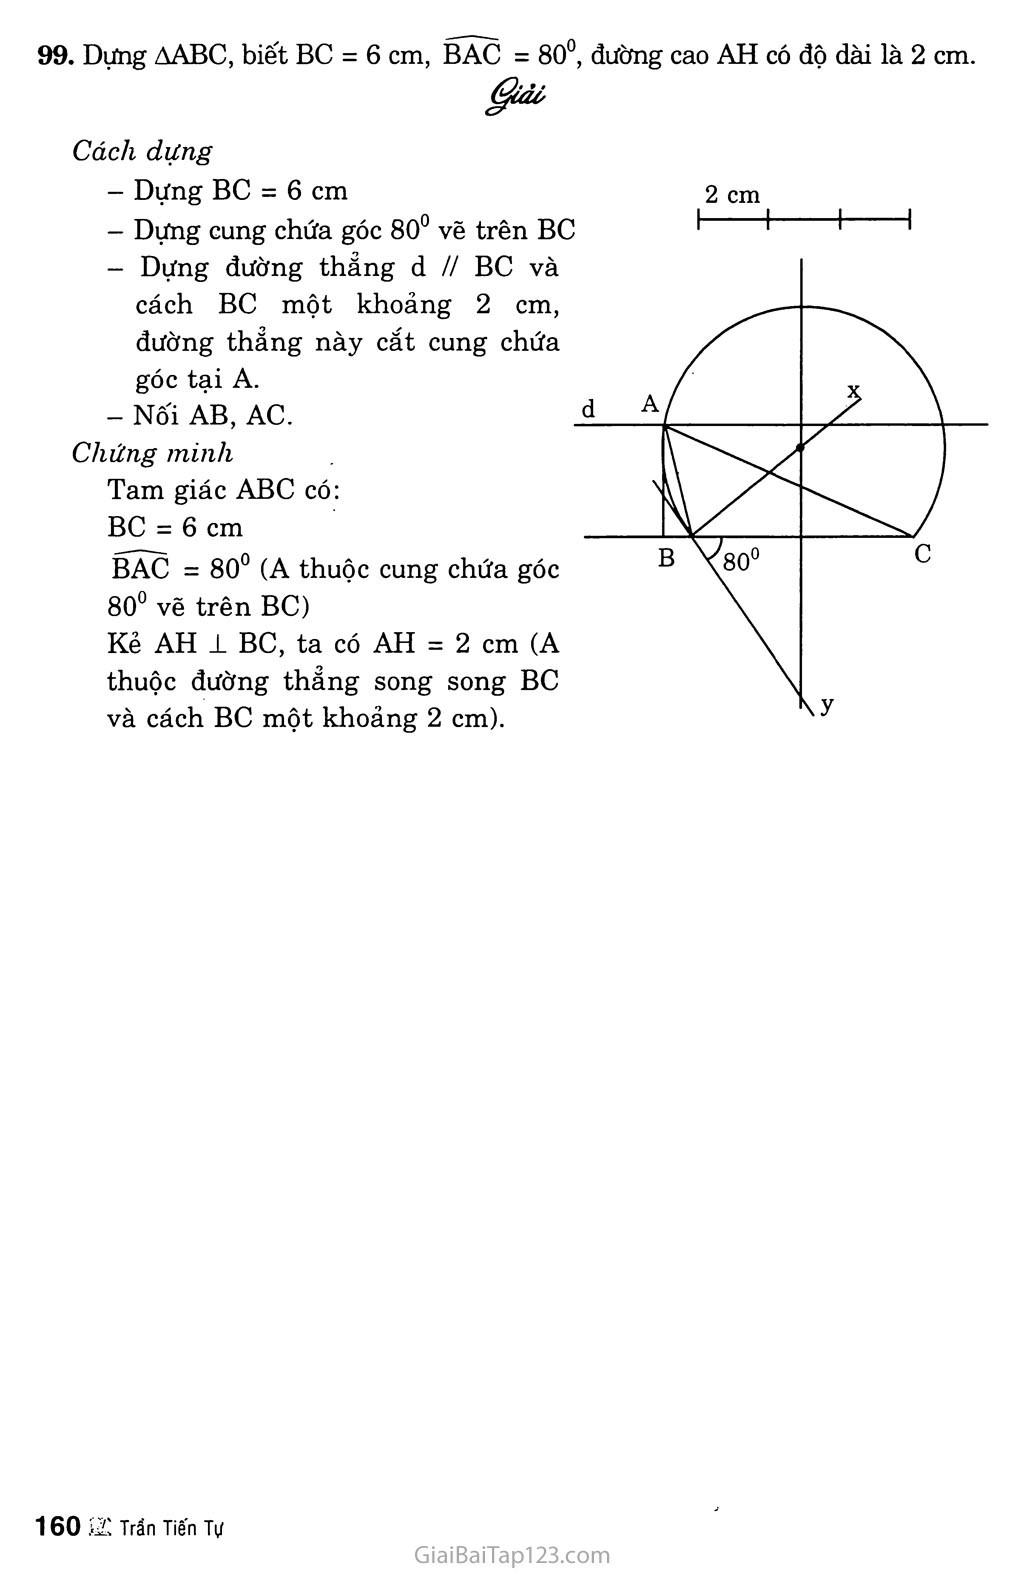 Ôn tập chương III trang 10